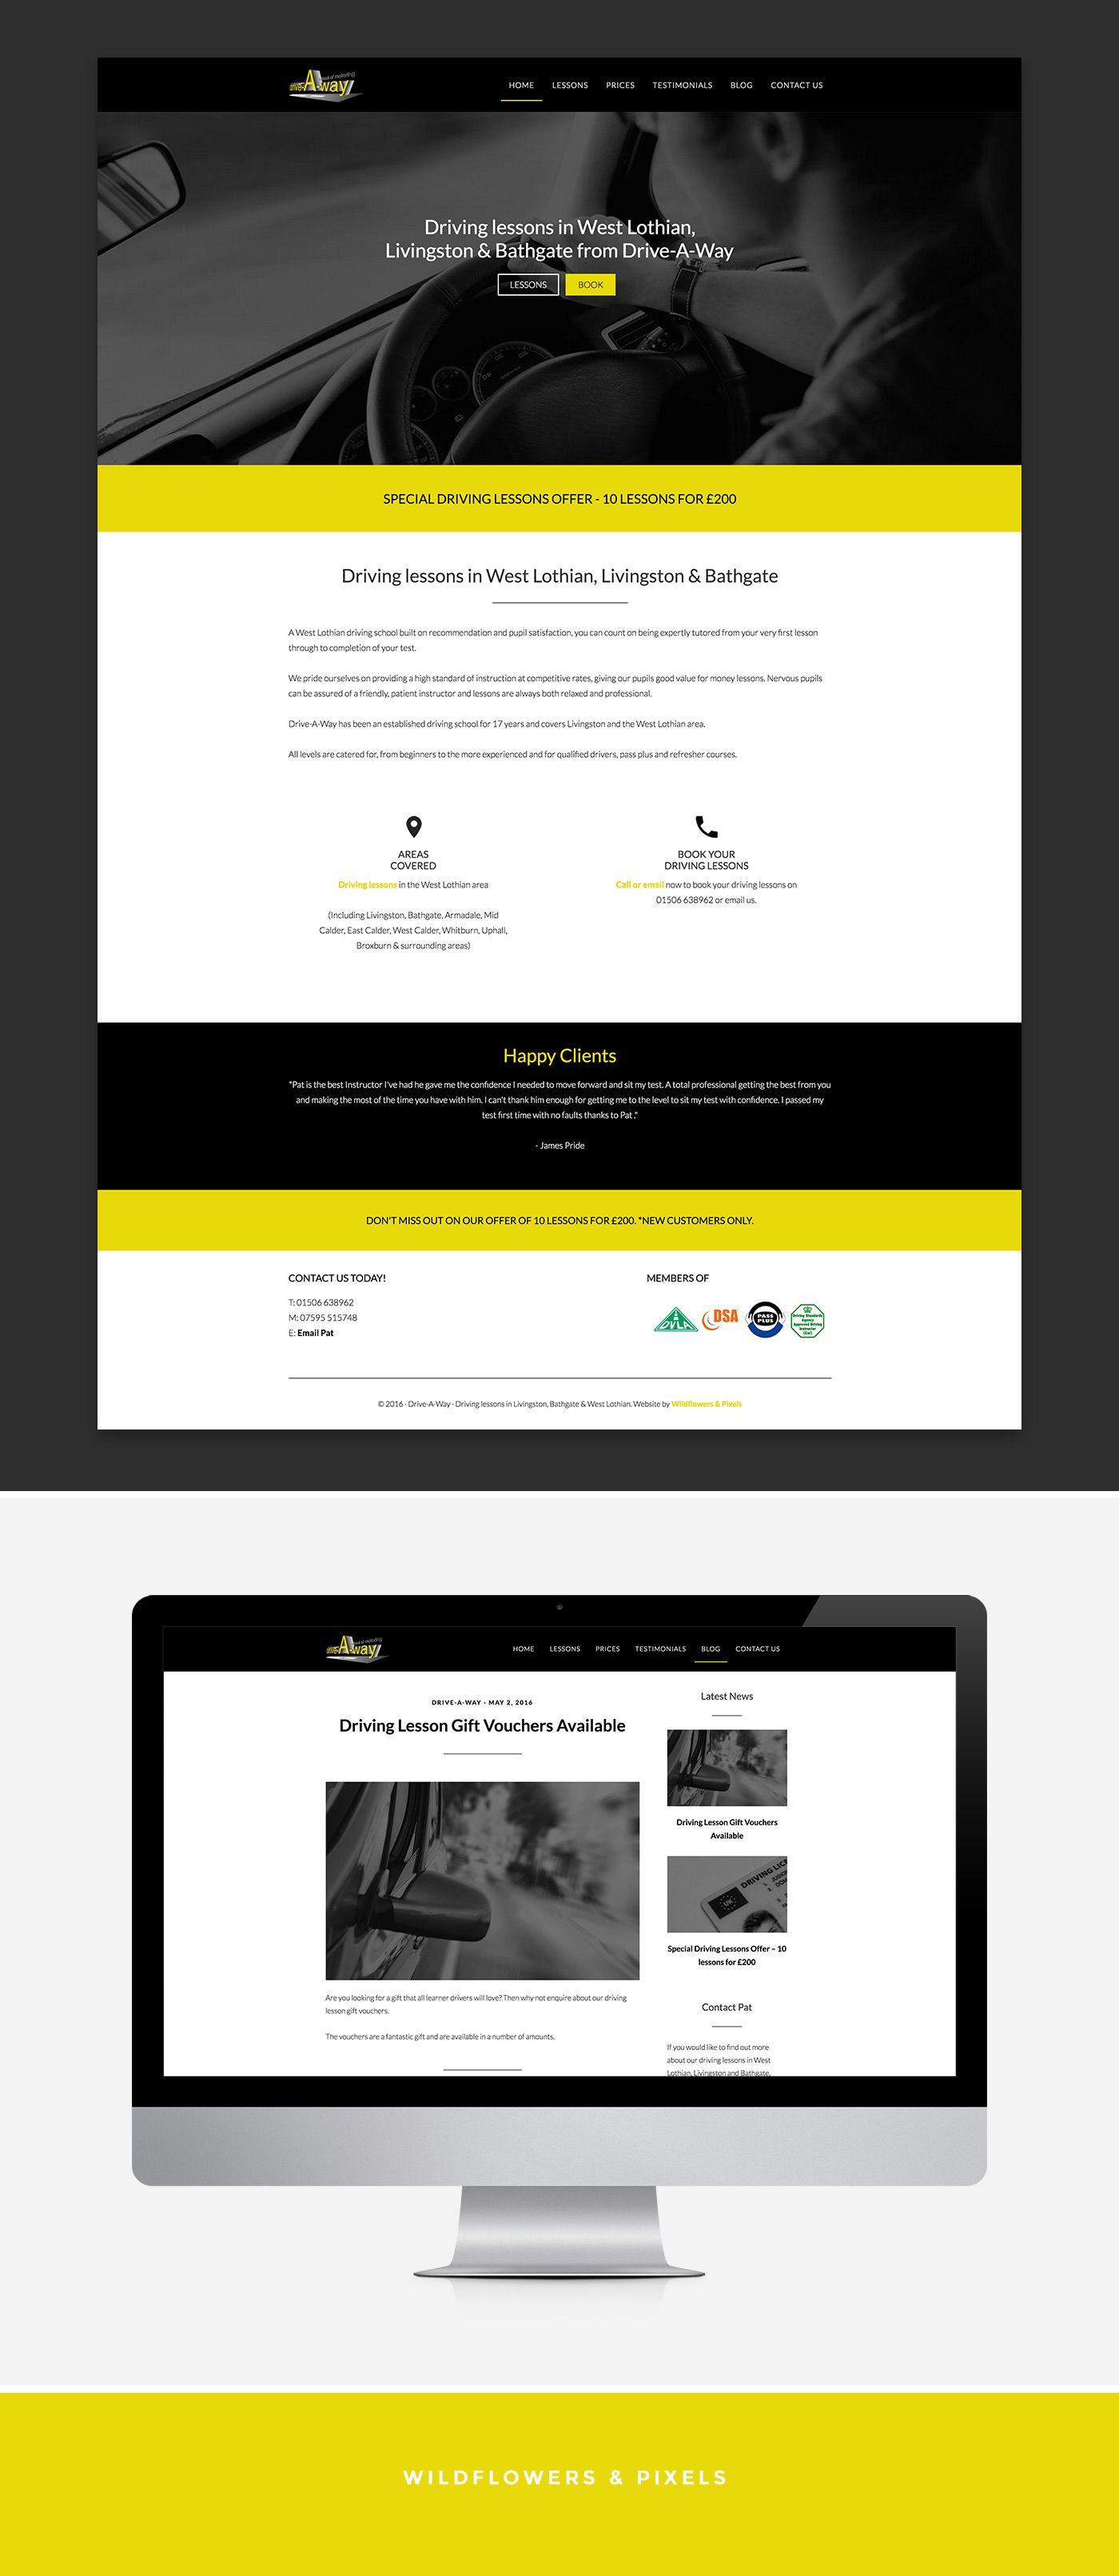 My Branding Website Design Work For Small Businesses Startups Web Design Tips Branding Livingston